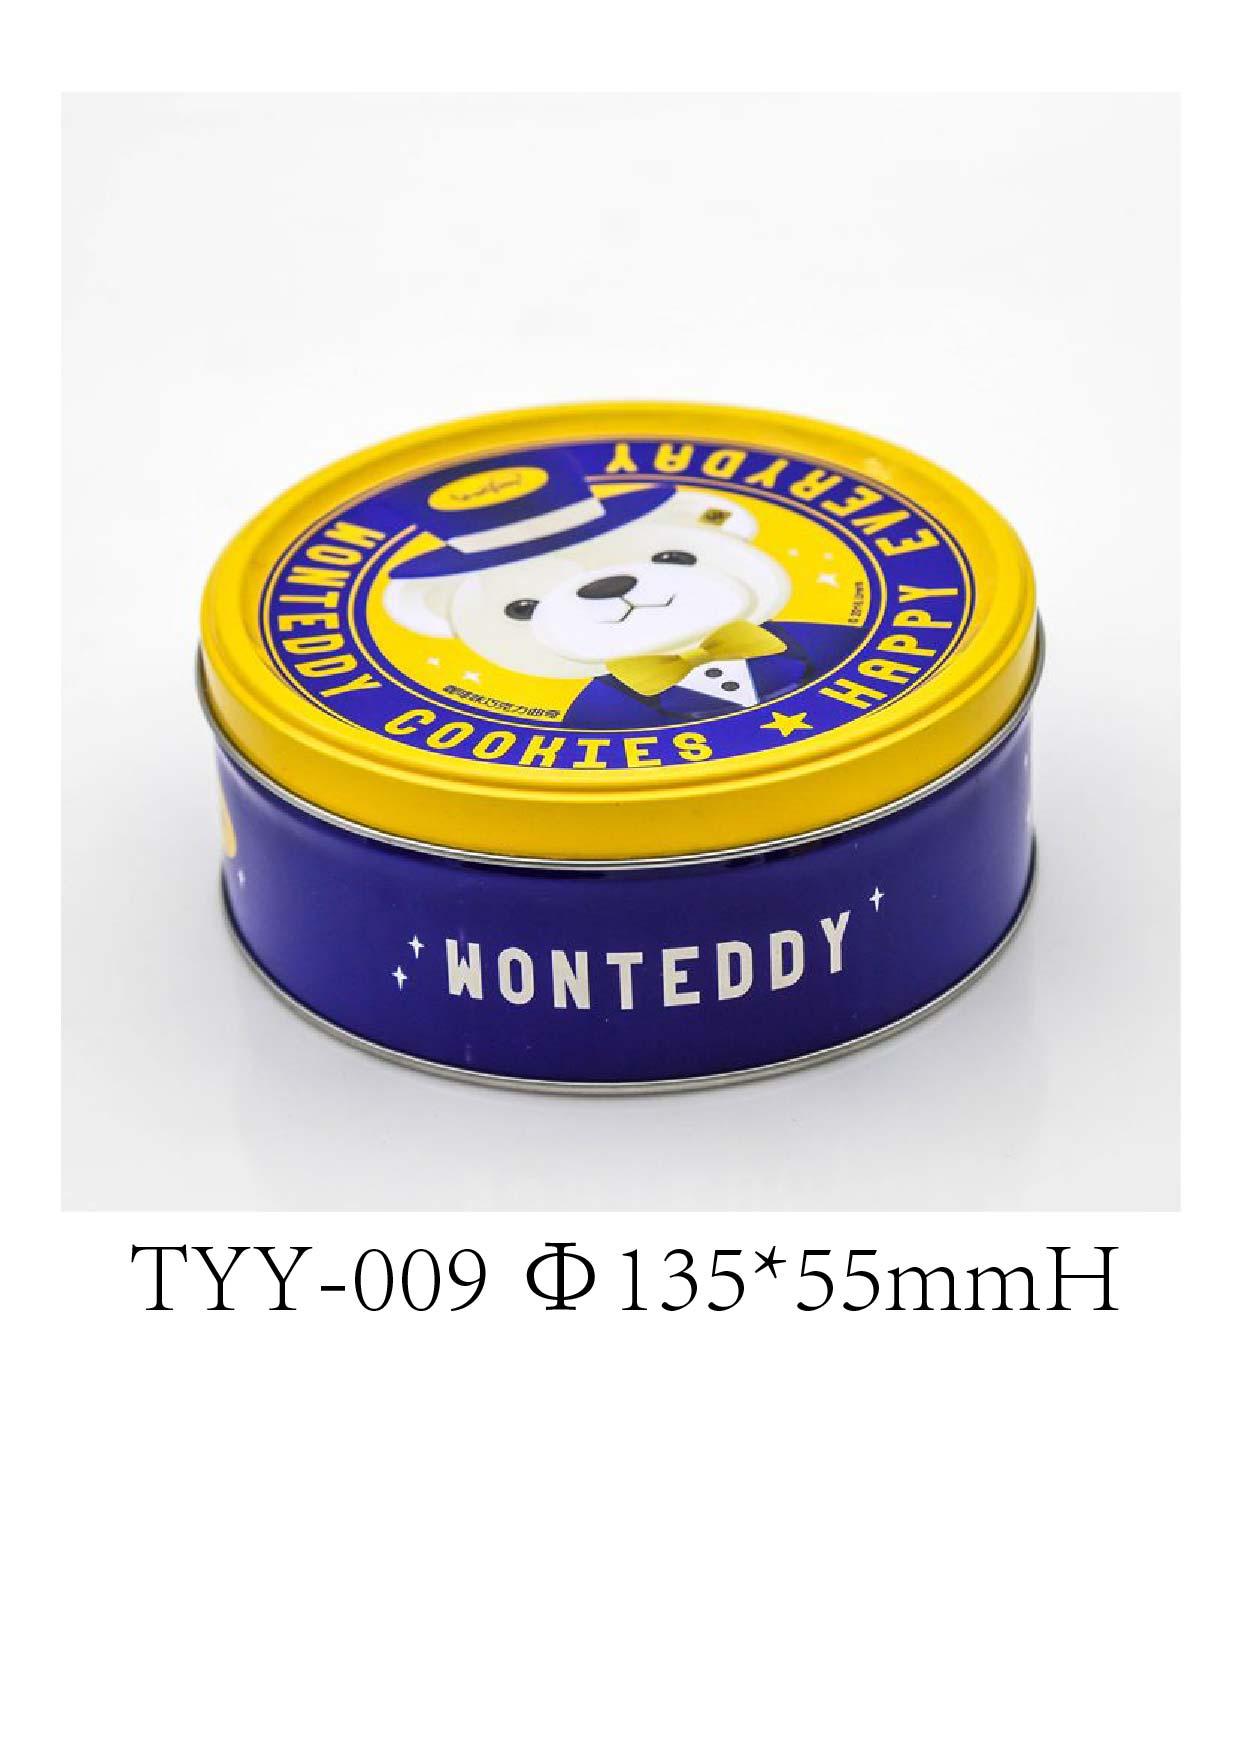 抛售包装圆形罐_广州物有所值的食品圆形罐